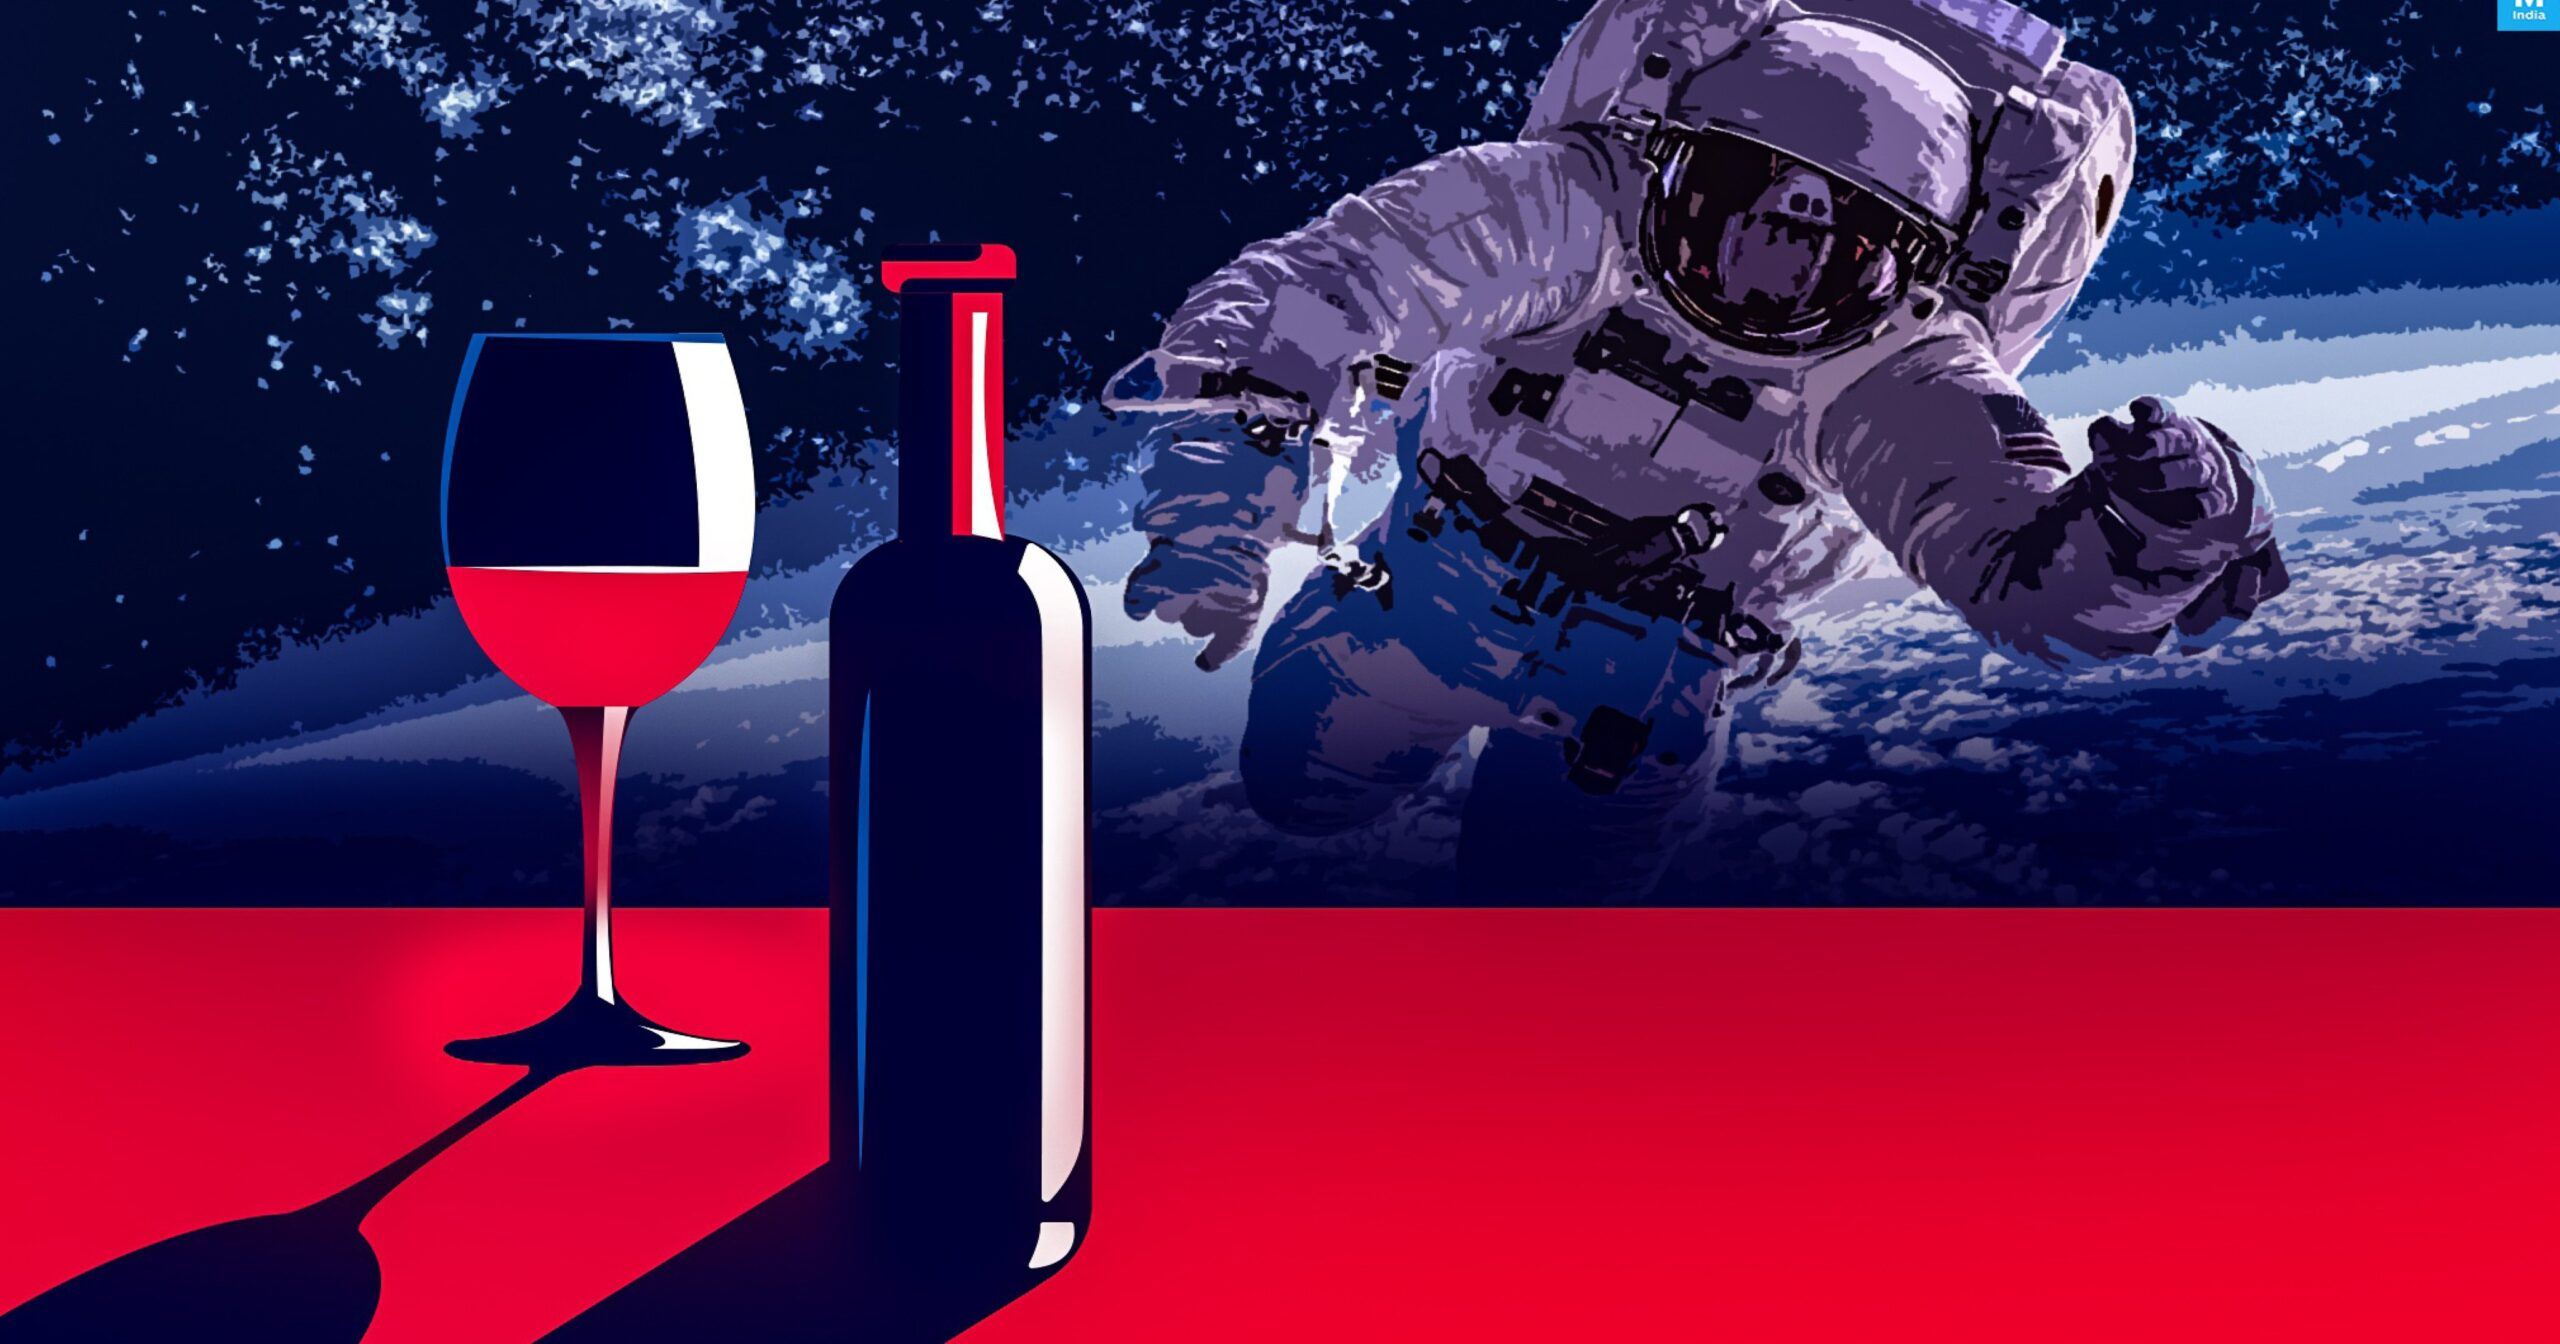 После года на МКС французское вино вернется на Землю